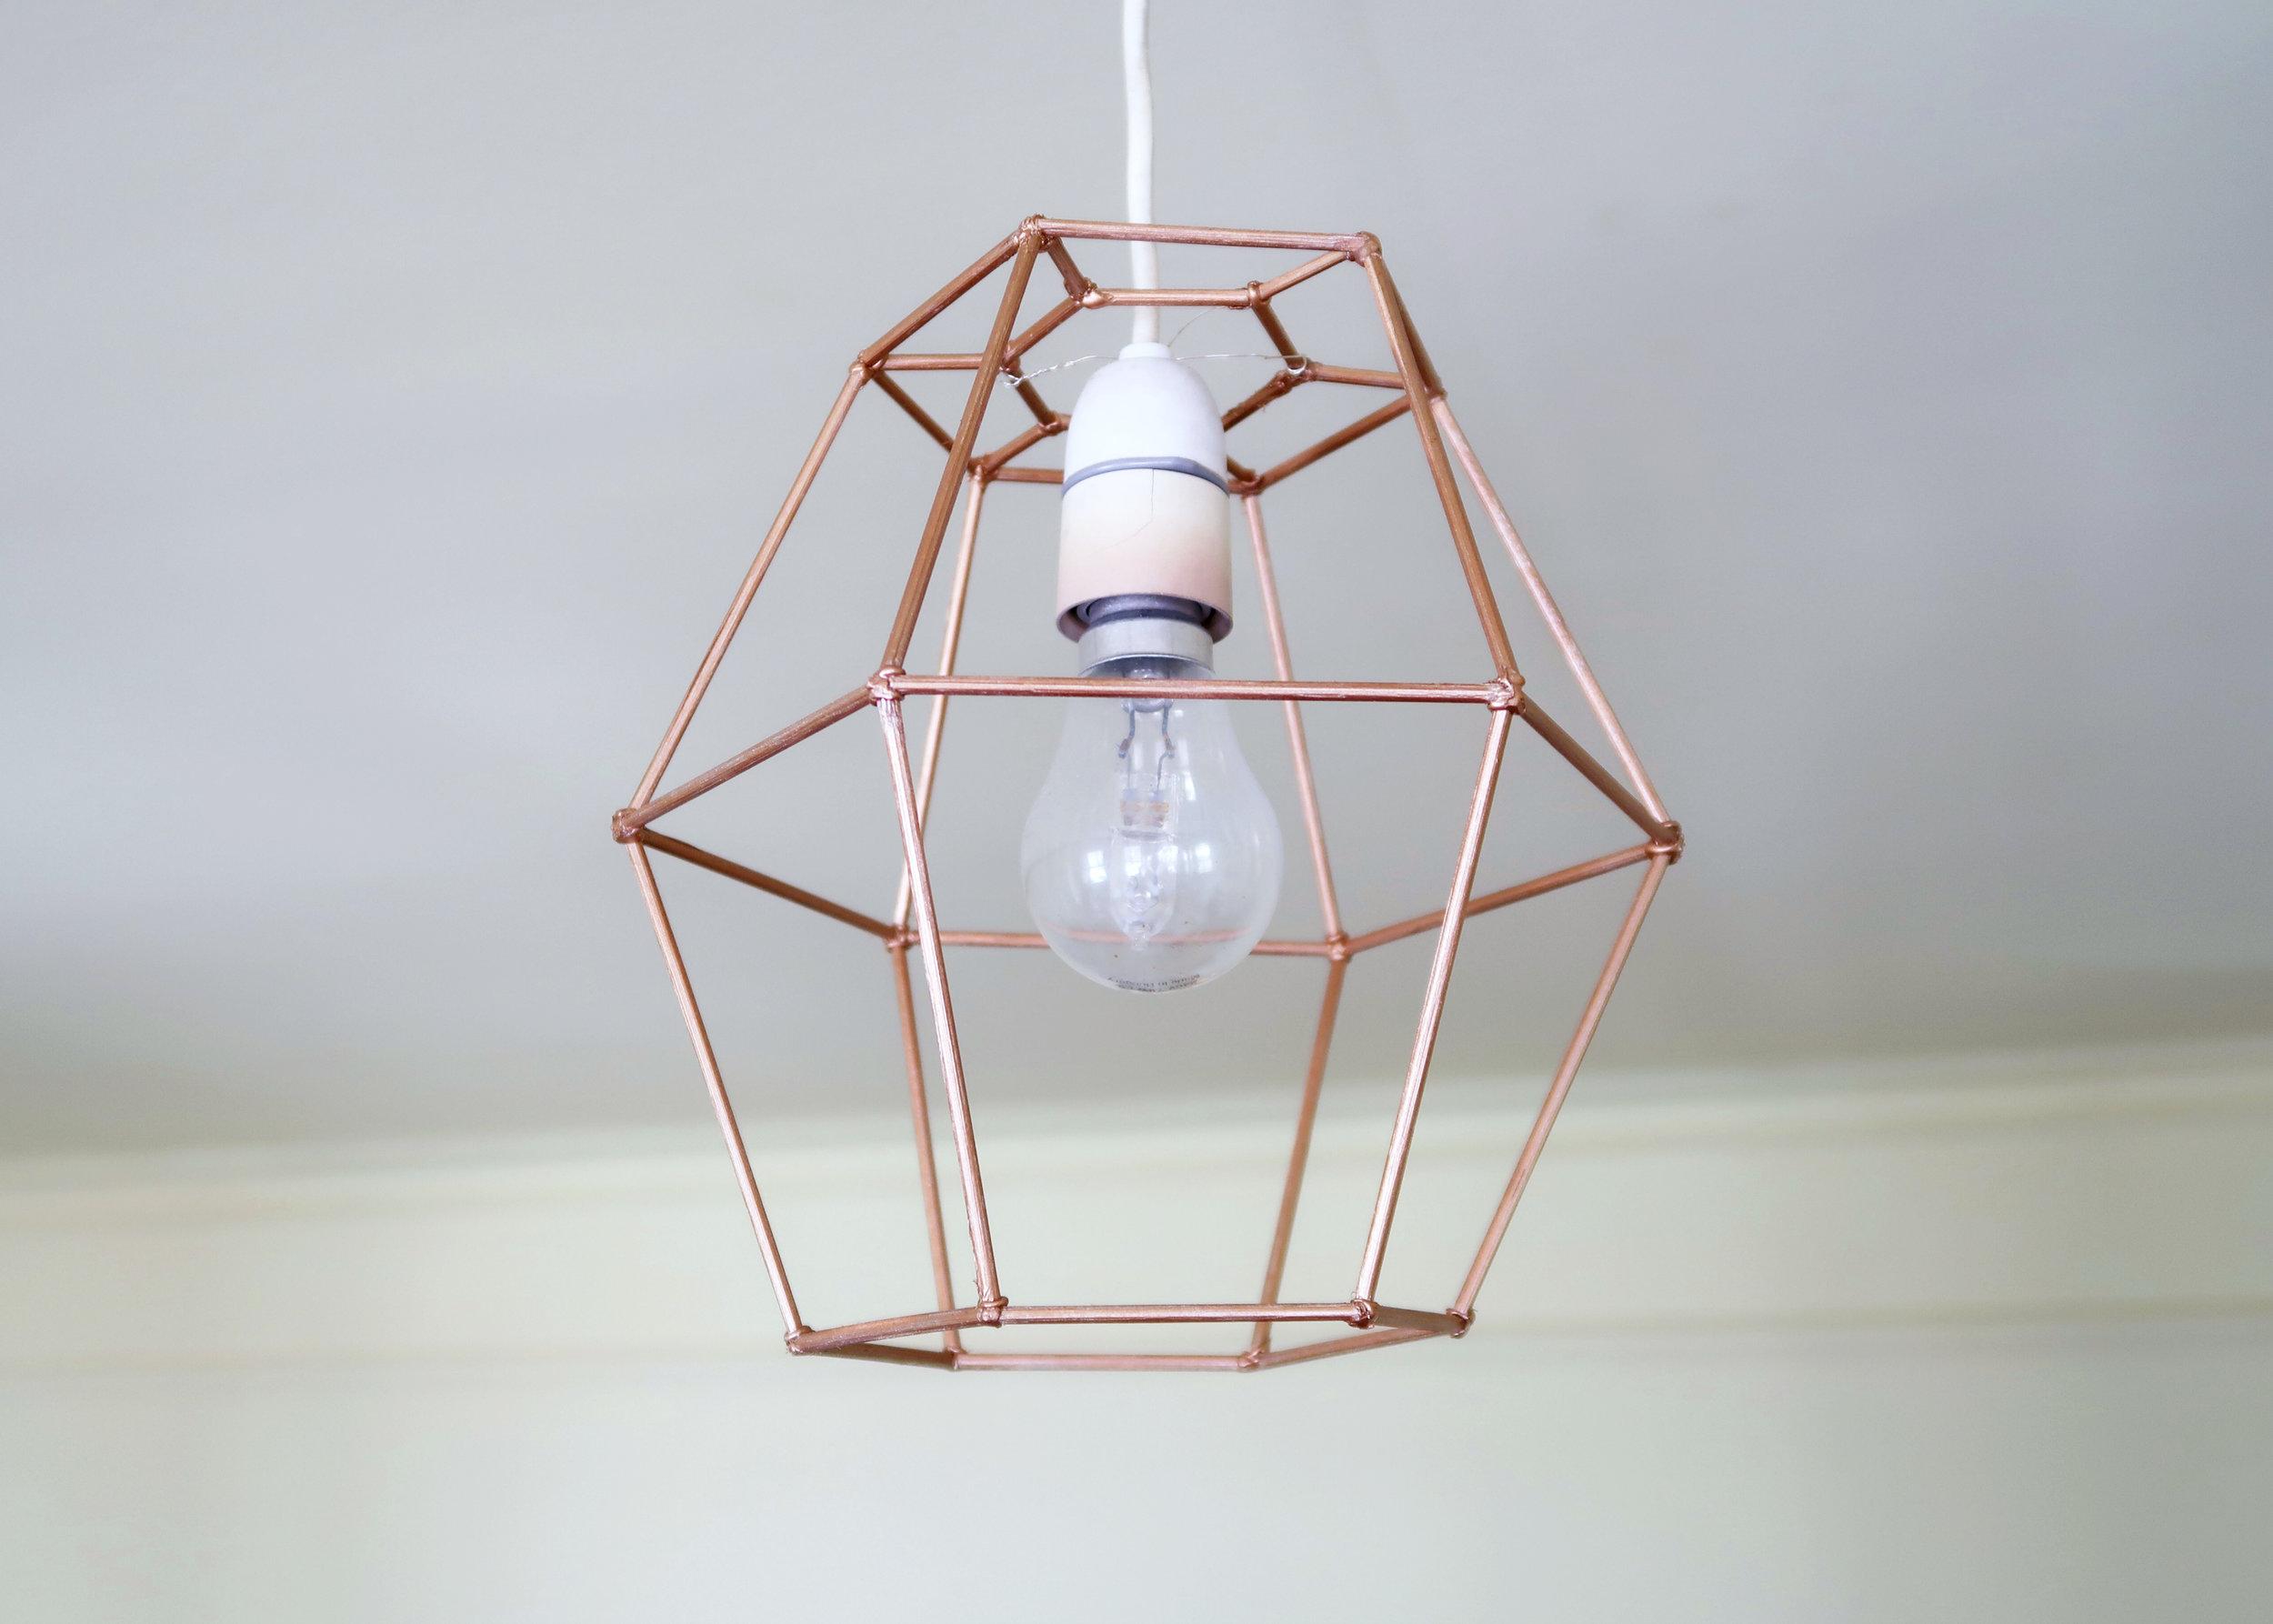 DIY Geometric Lightshade by Isoscella